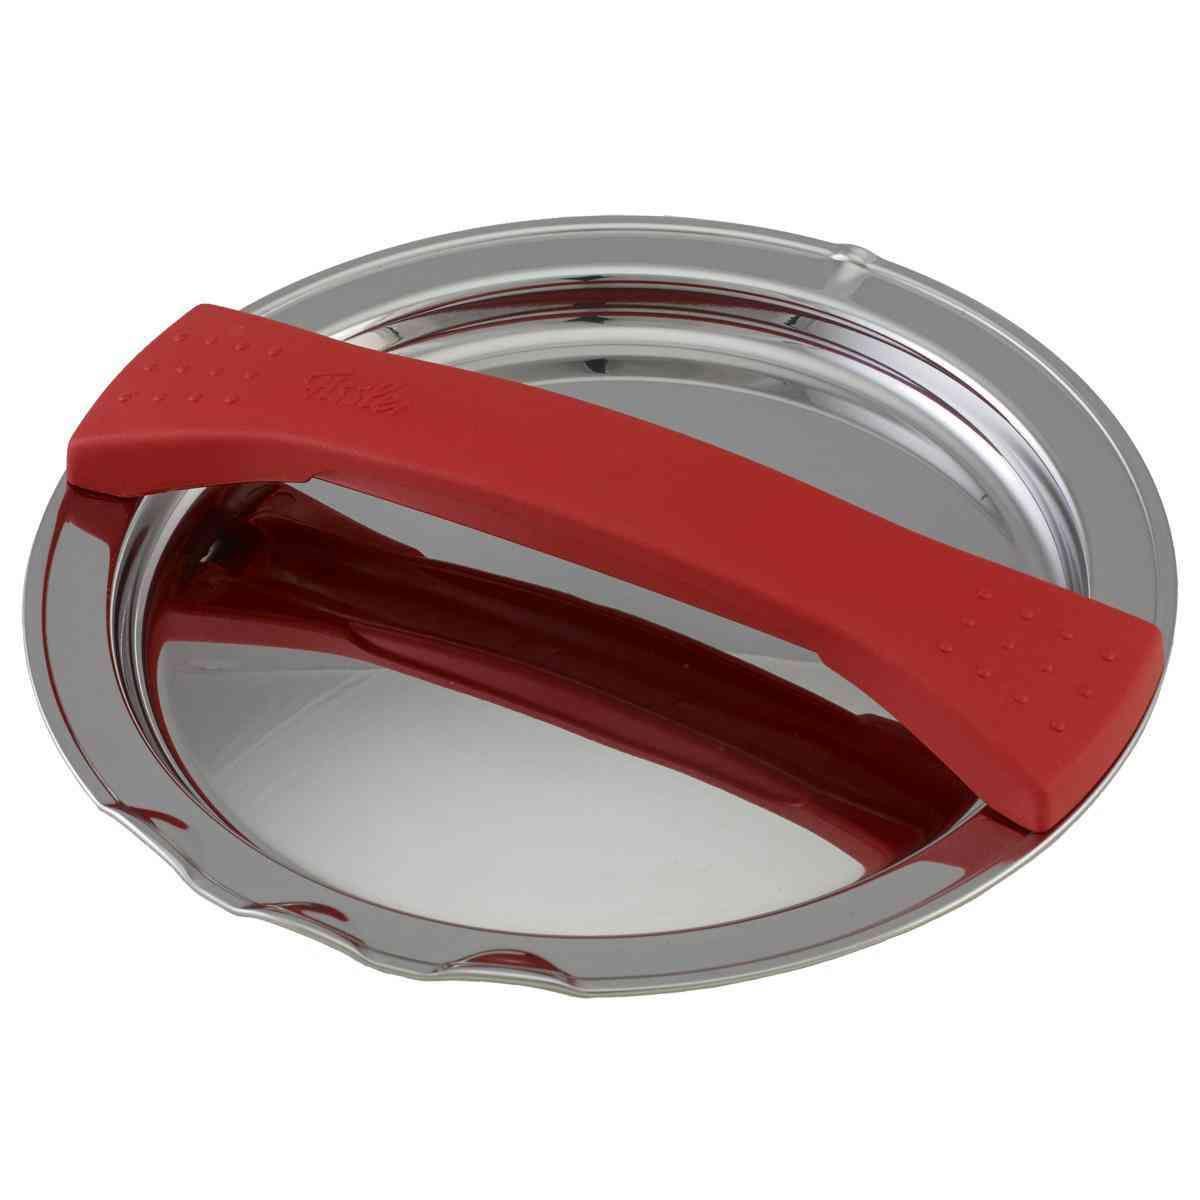 magic line Metalldeckel rot für Topf mit 24 cm Innendurchmesser